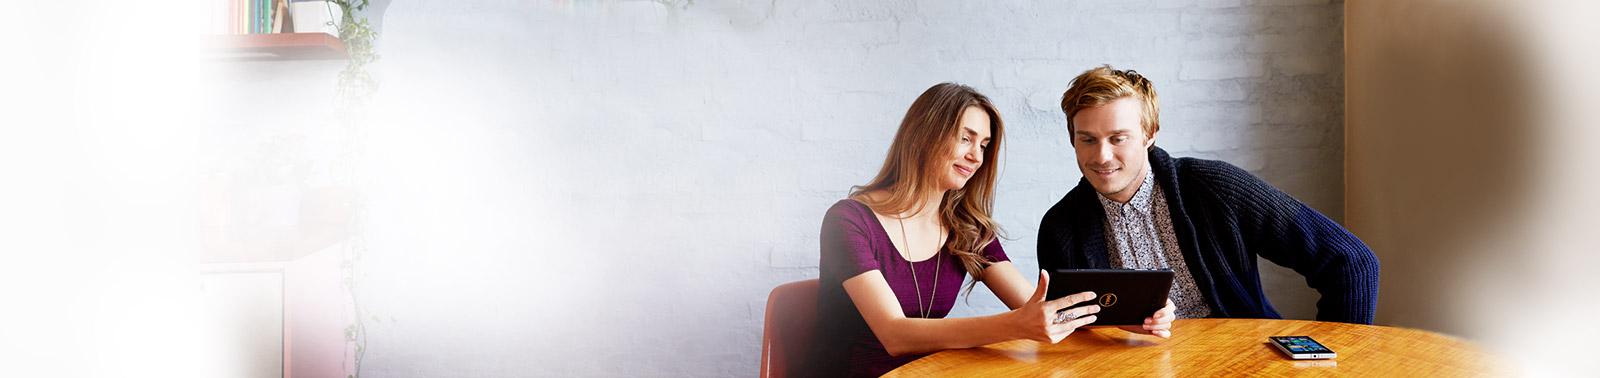 Uma mulher sentada em uma mesa, segurando um tablet e mostrando-o para um homem ao lado dela.